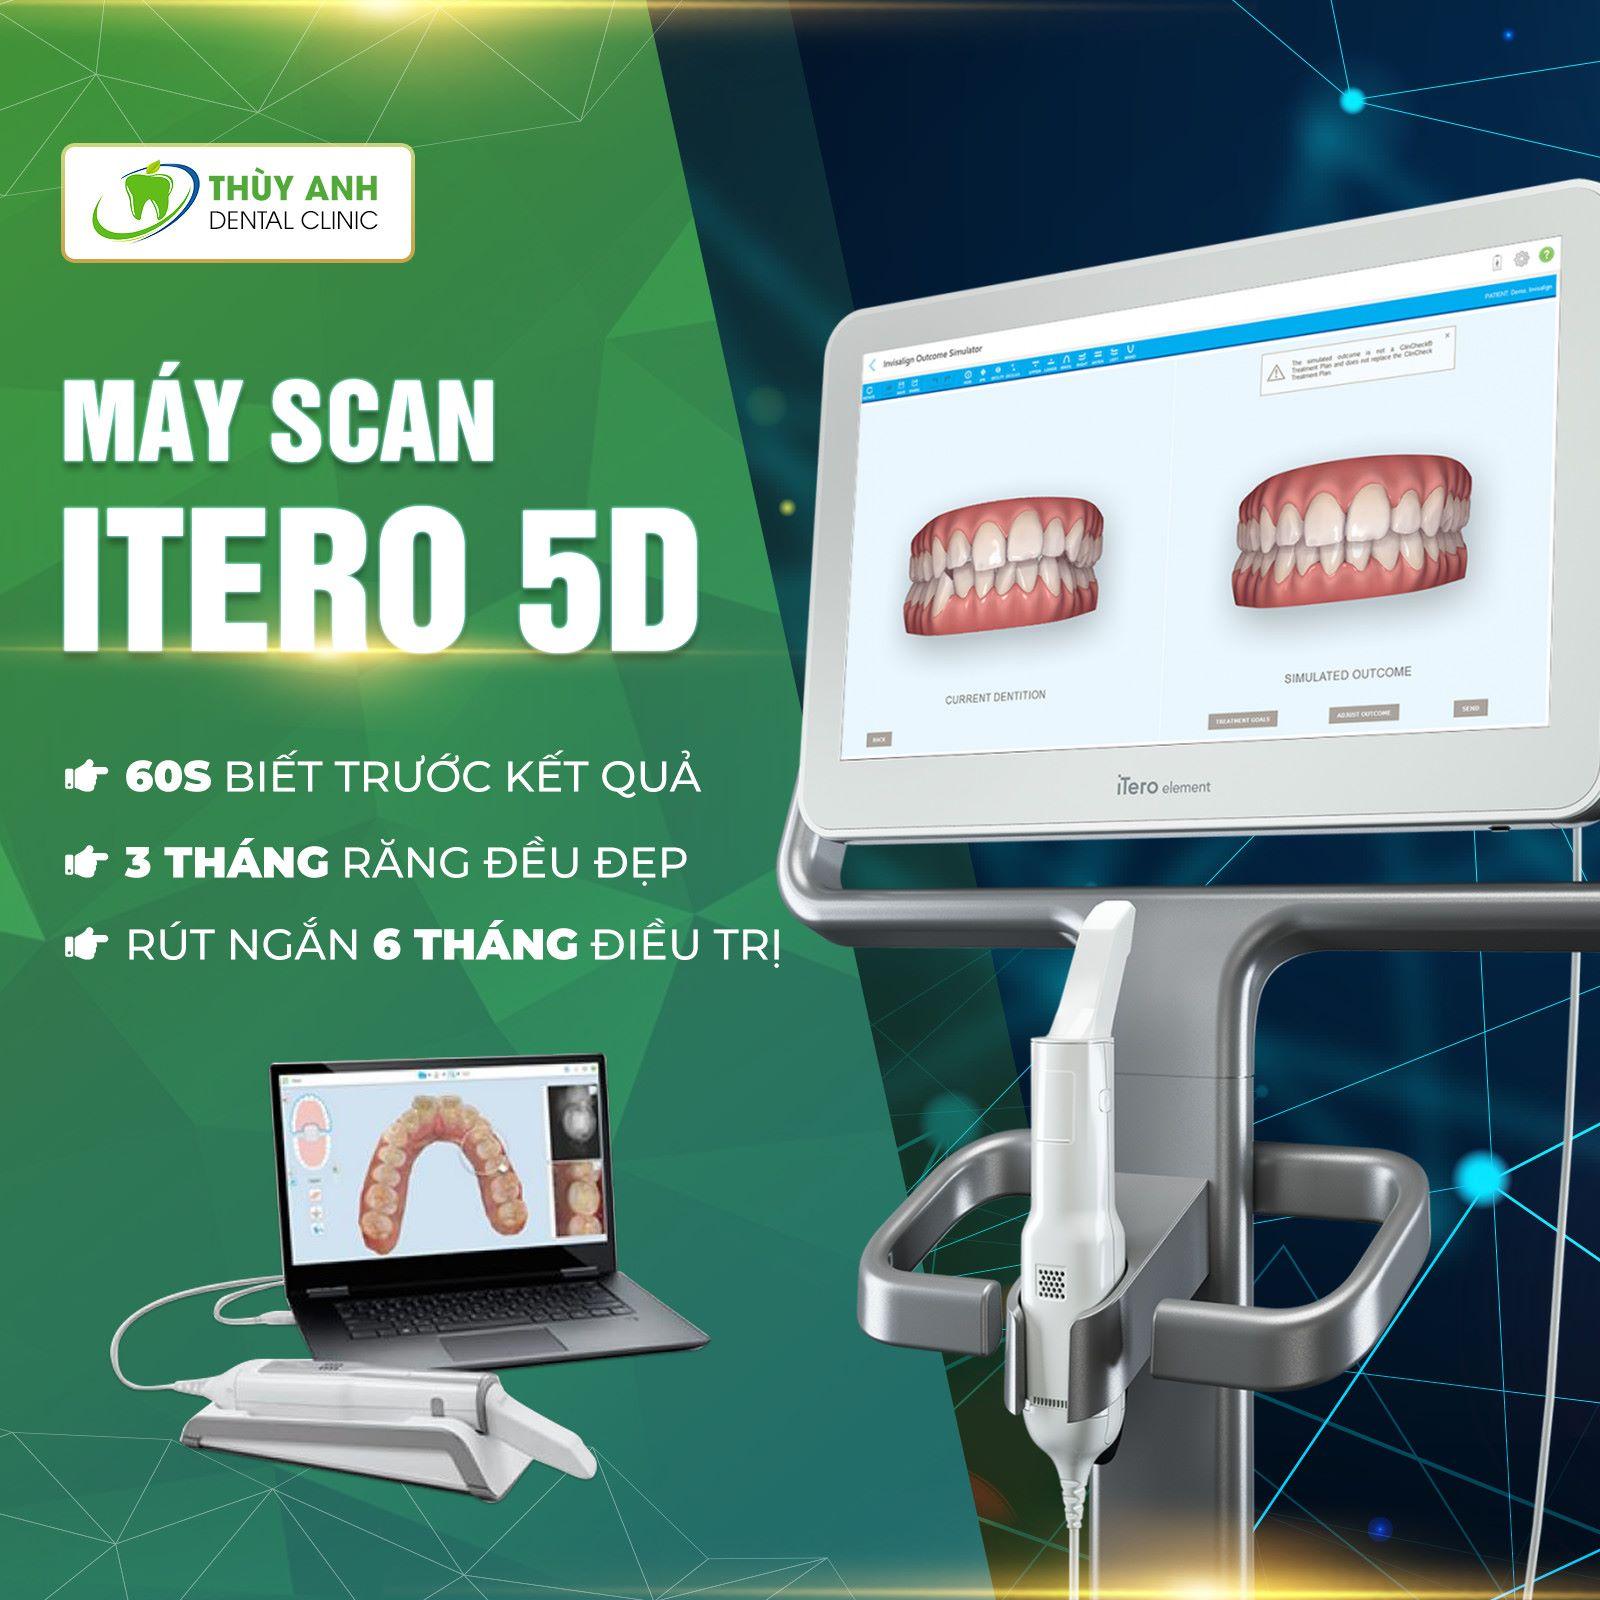 Biết trước kết quả niềng răng với máy itero 5D tại Thùy Anh hoàn toàn miễn phí